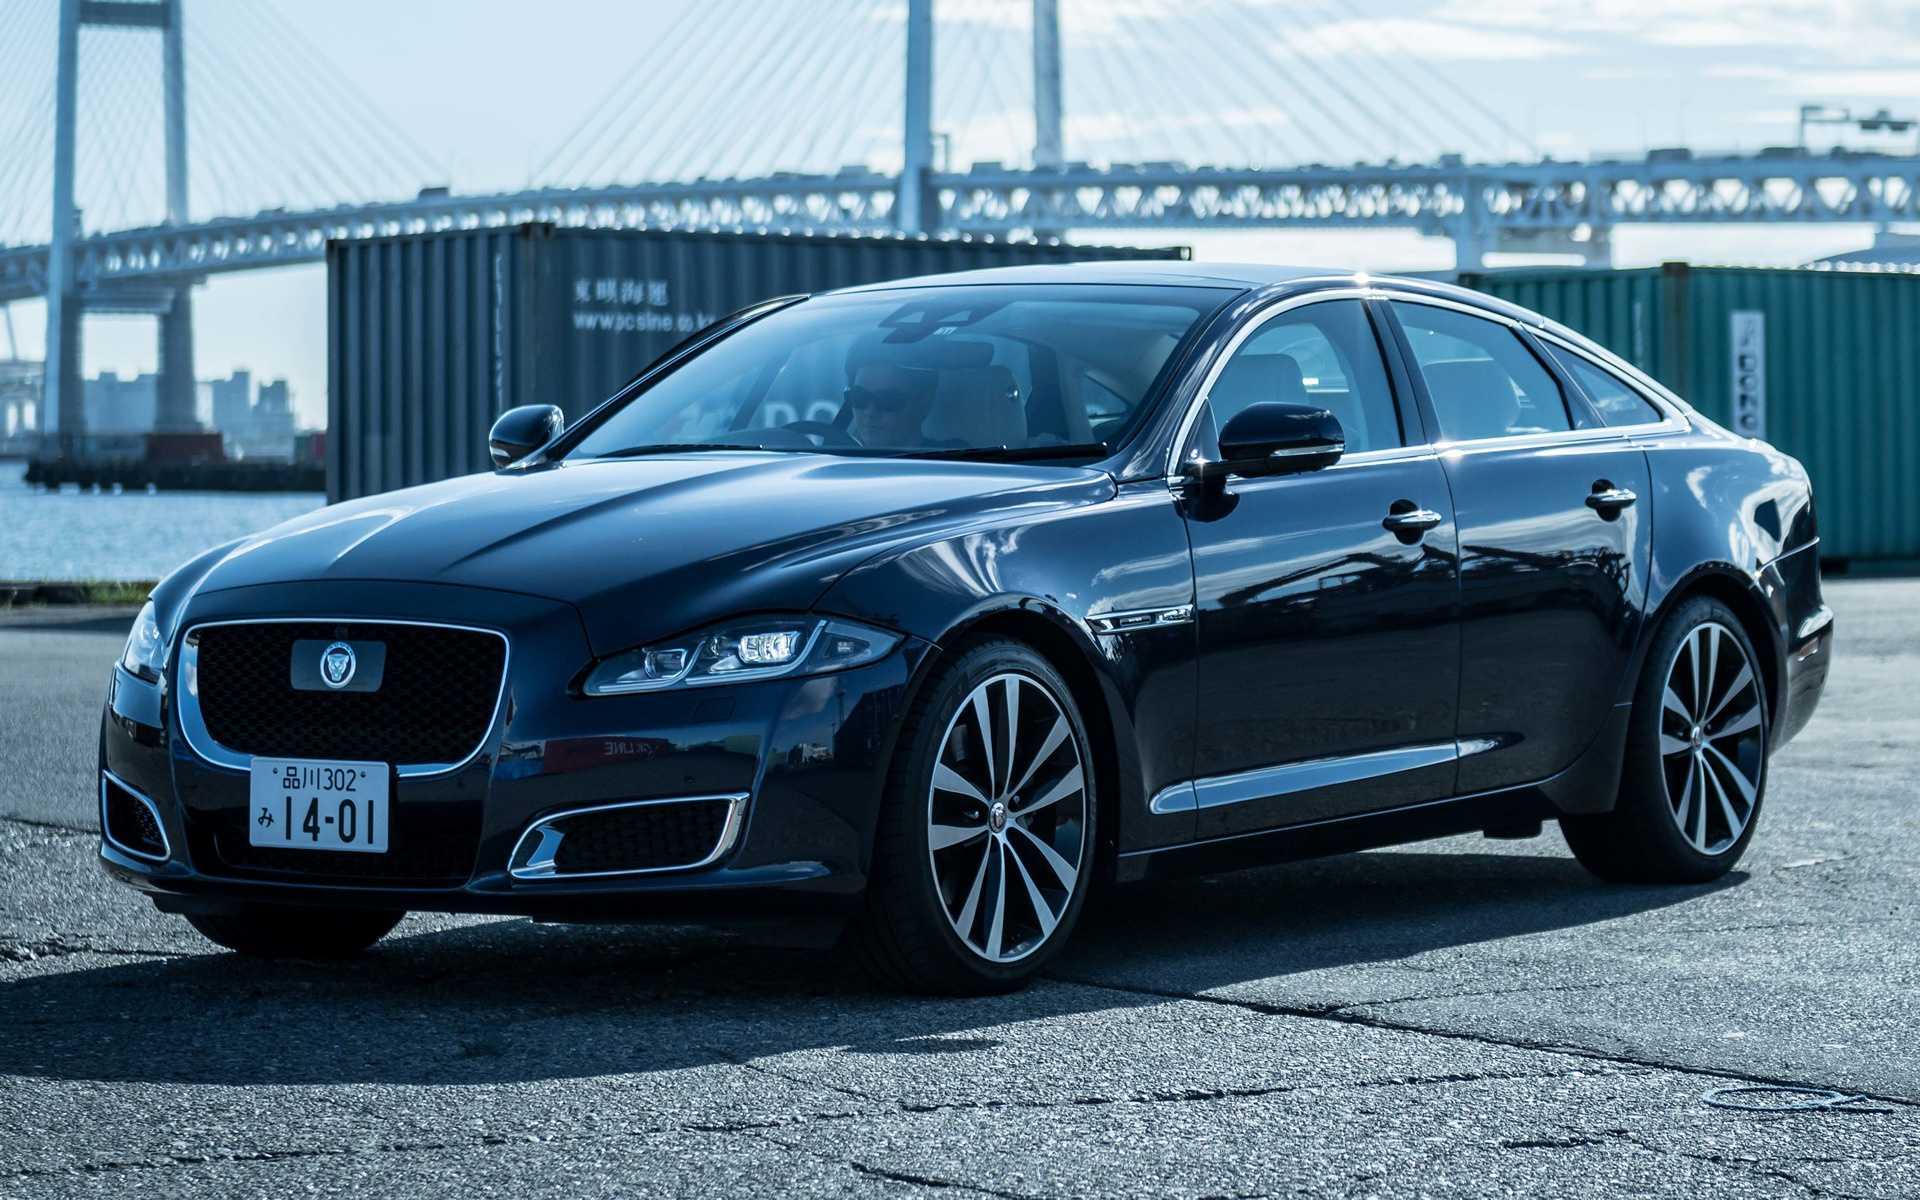 Jaguar xf 2019-2020: цена, фото